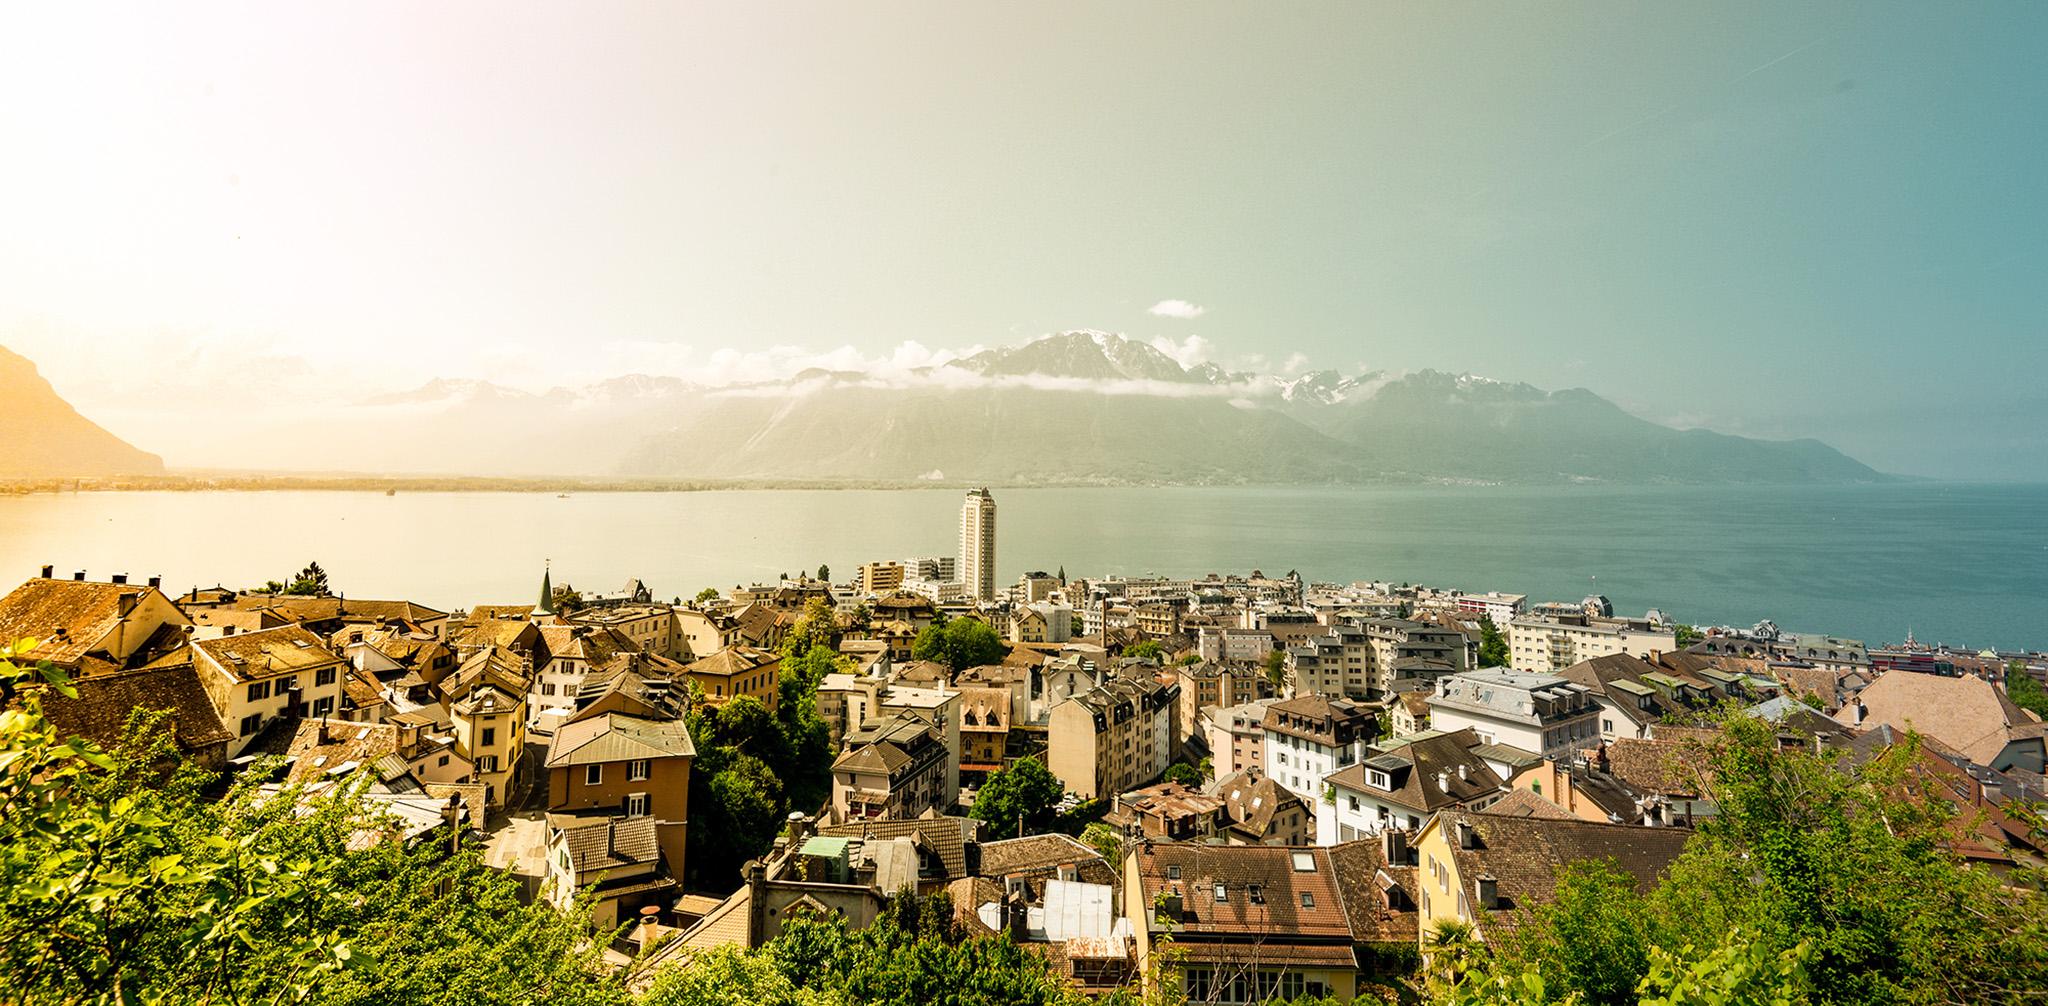 kt_2020_300_Keytours_excursions_Swisstours_montreux-city4_2048_10